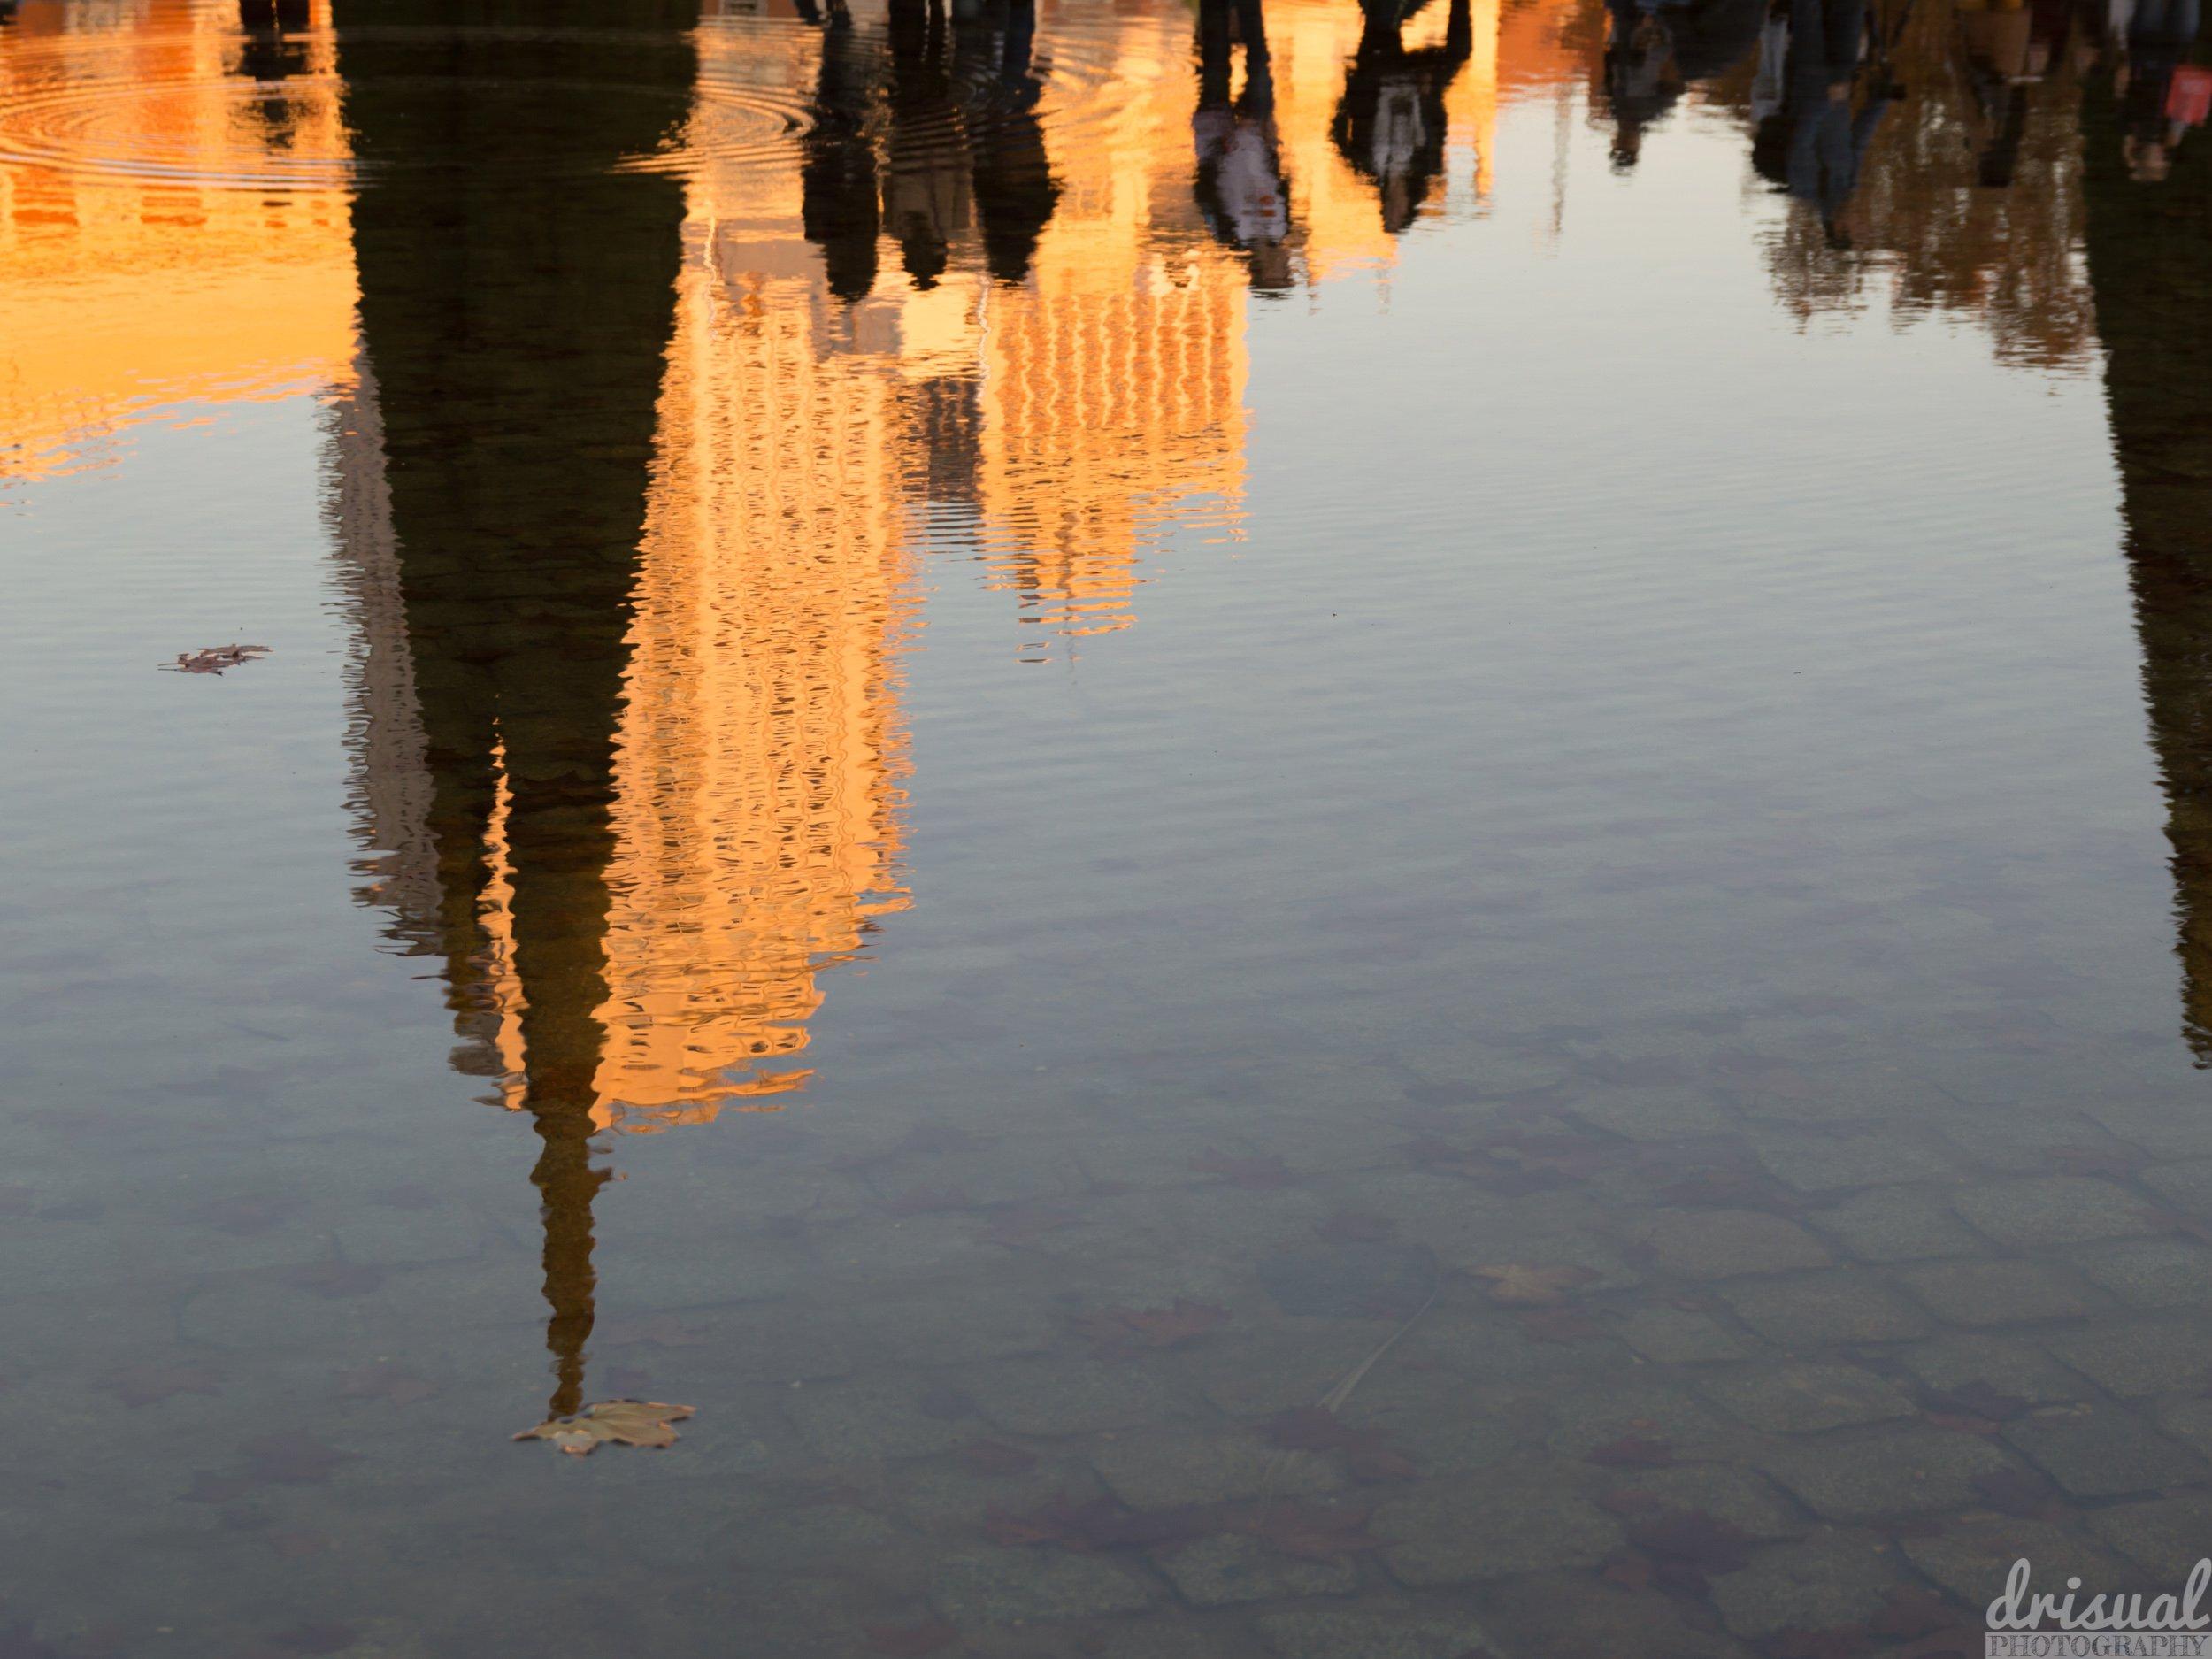 Reflejos en el estanque del Templo de Debod